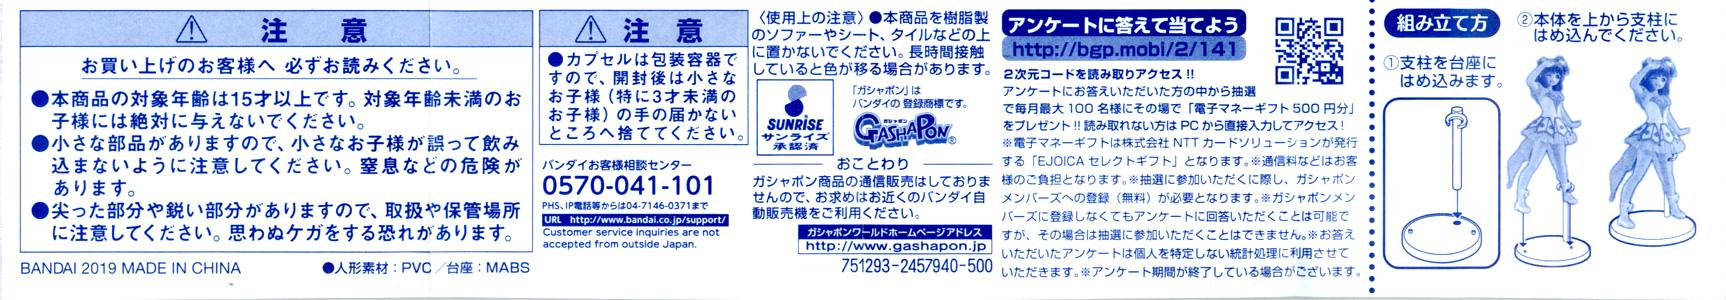 Gasha Portraits ラブライブ!サンシャイン!! 07 [バンダイ]